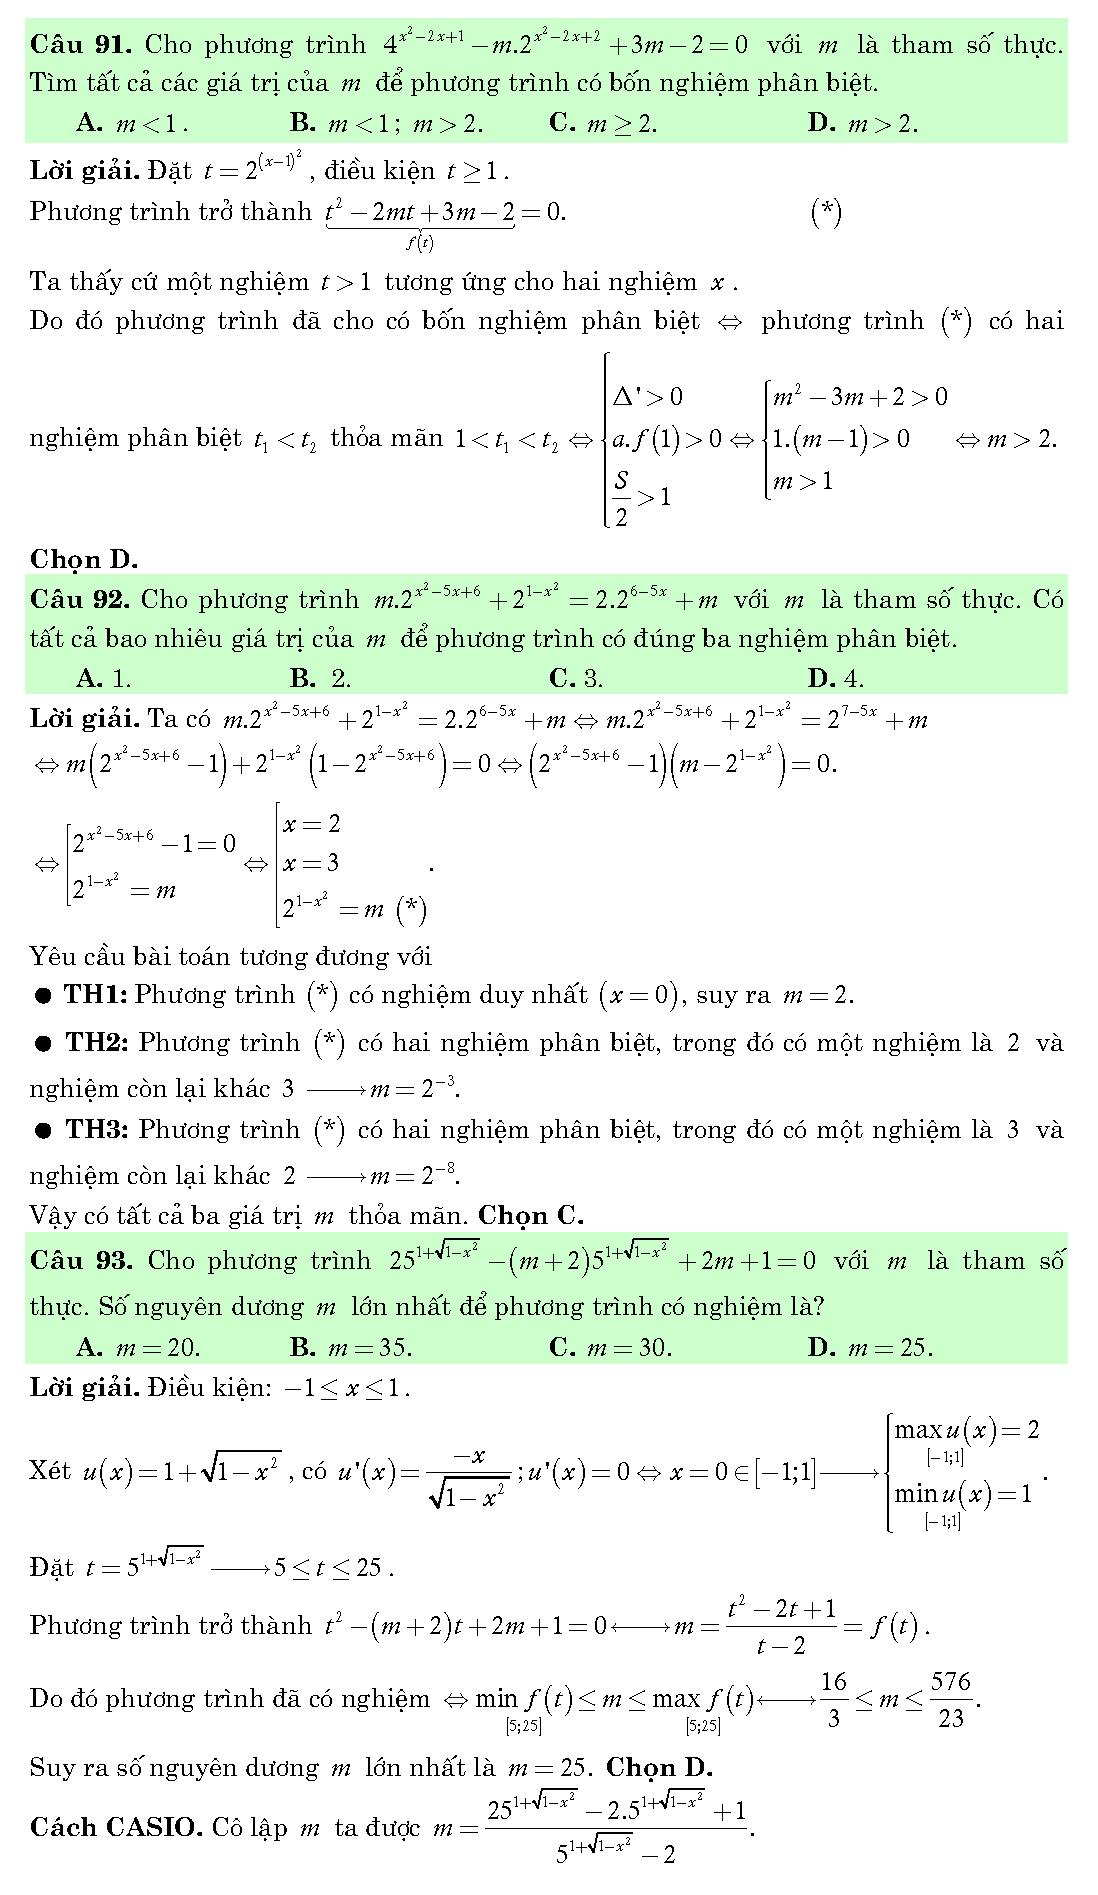 bài tập hàm số mũ và logarit